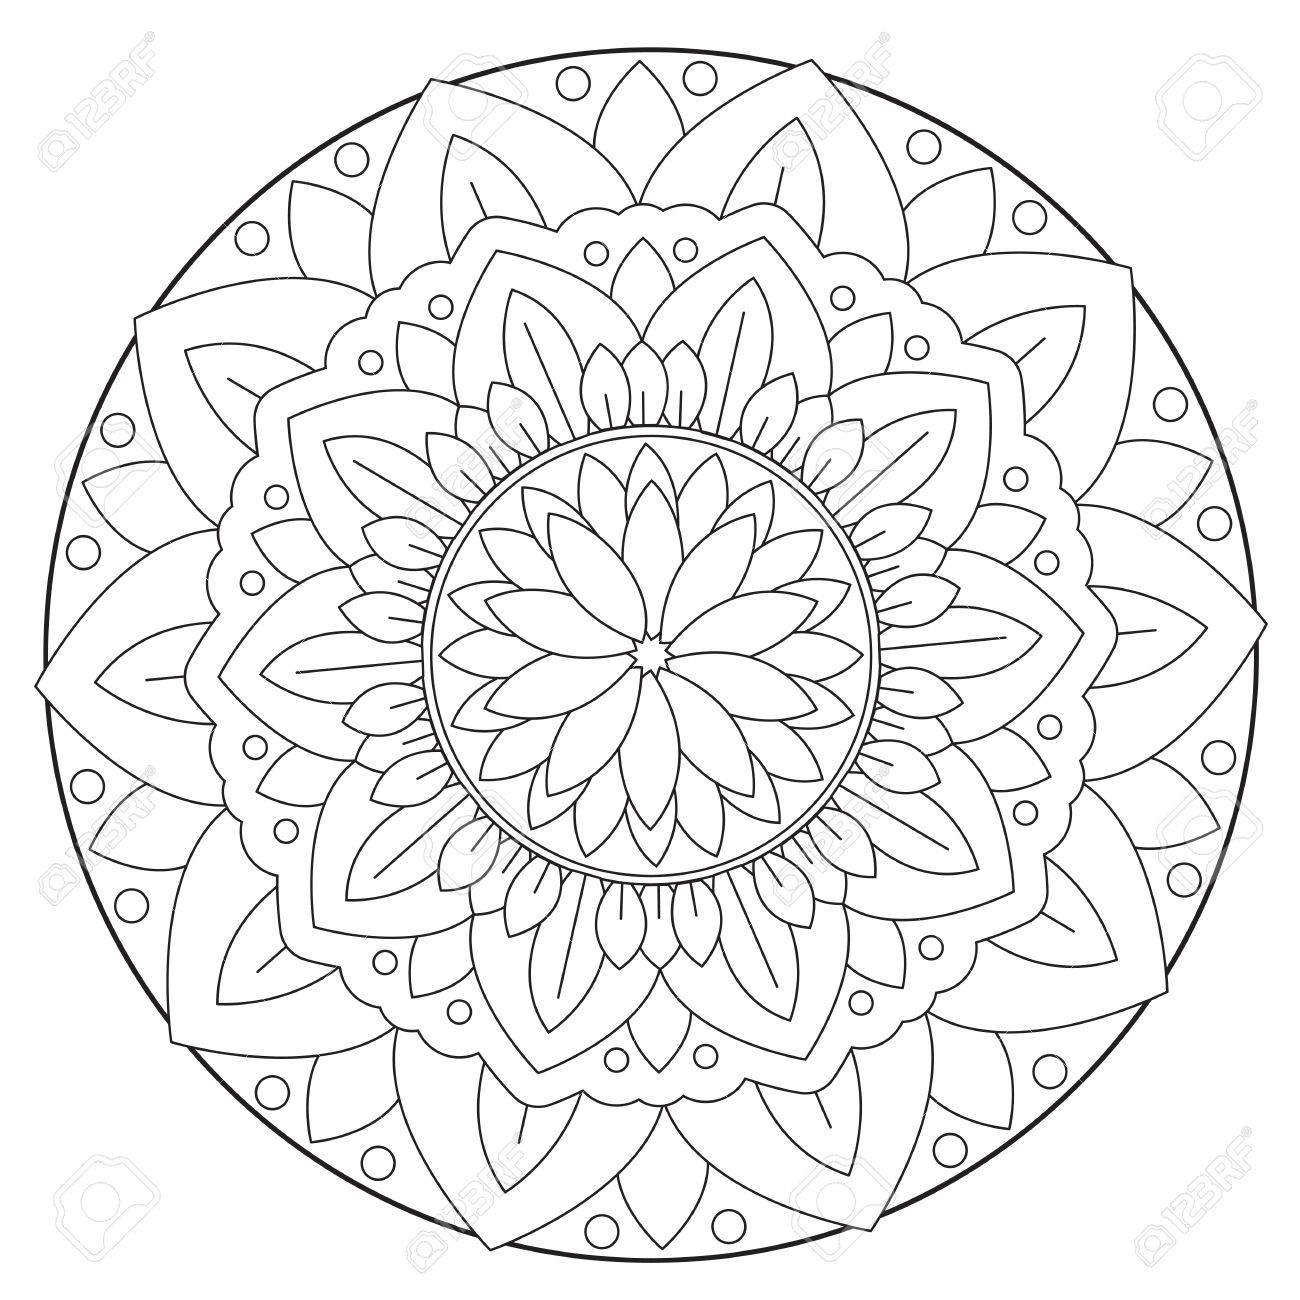 Vector Färbung Blatt Runde Mandala Für Kinder Lizenzfrei Nutzbare ...